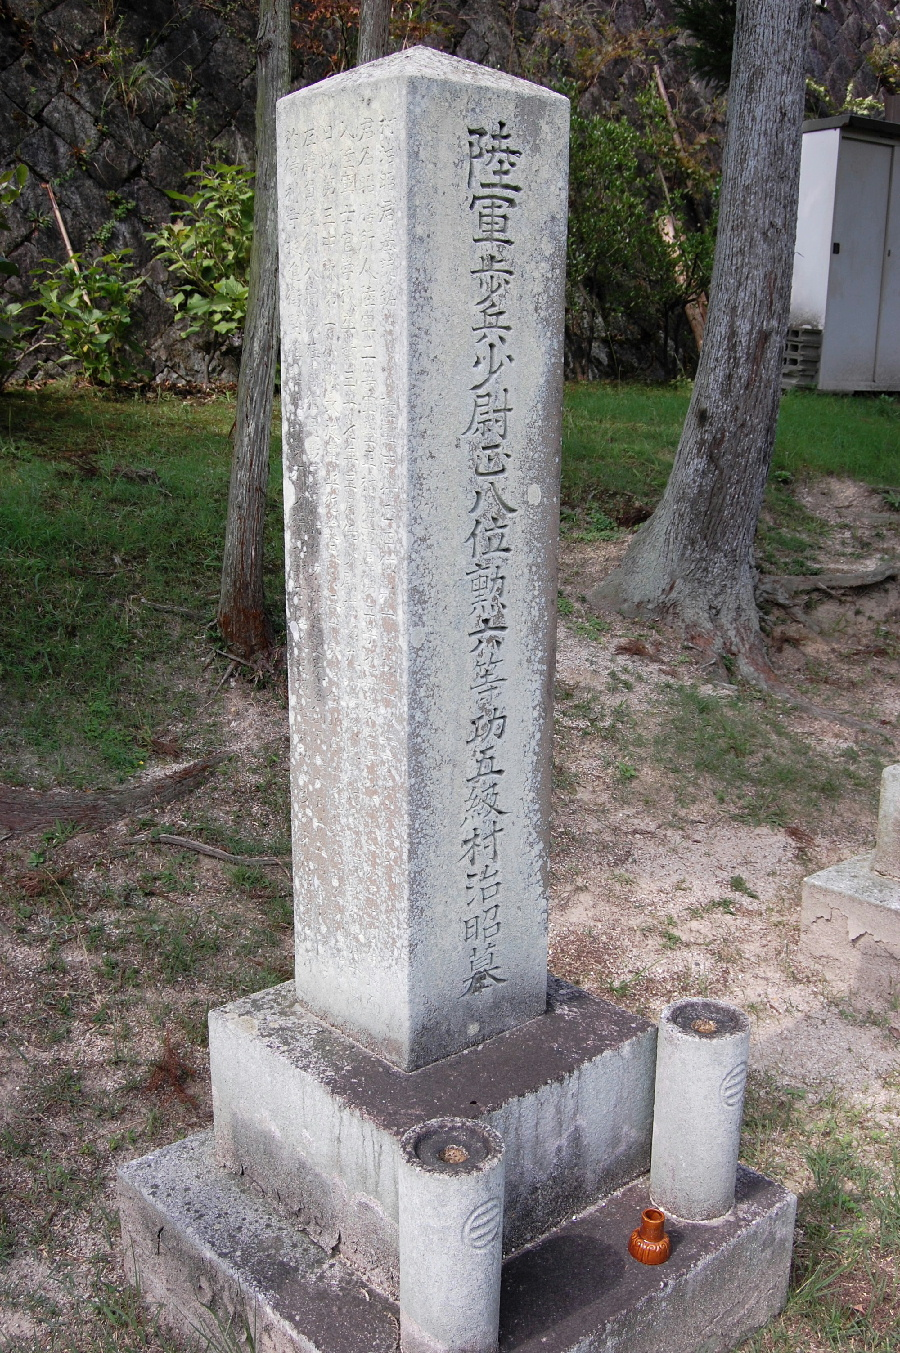 日露戦争で戦死した陸軍歩兵少尉の墓石